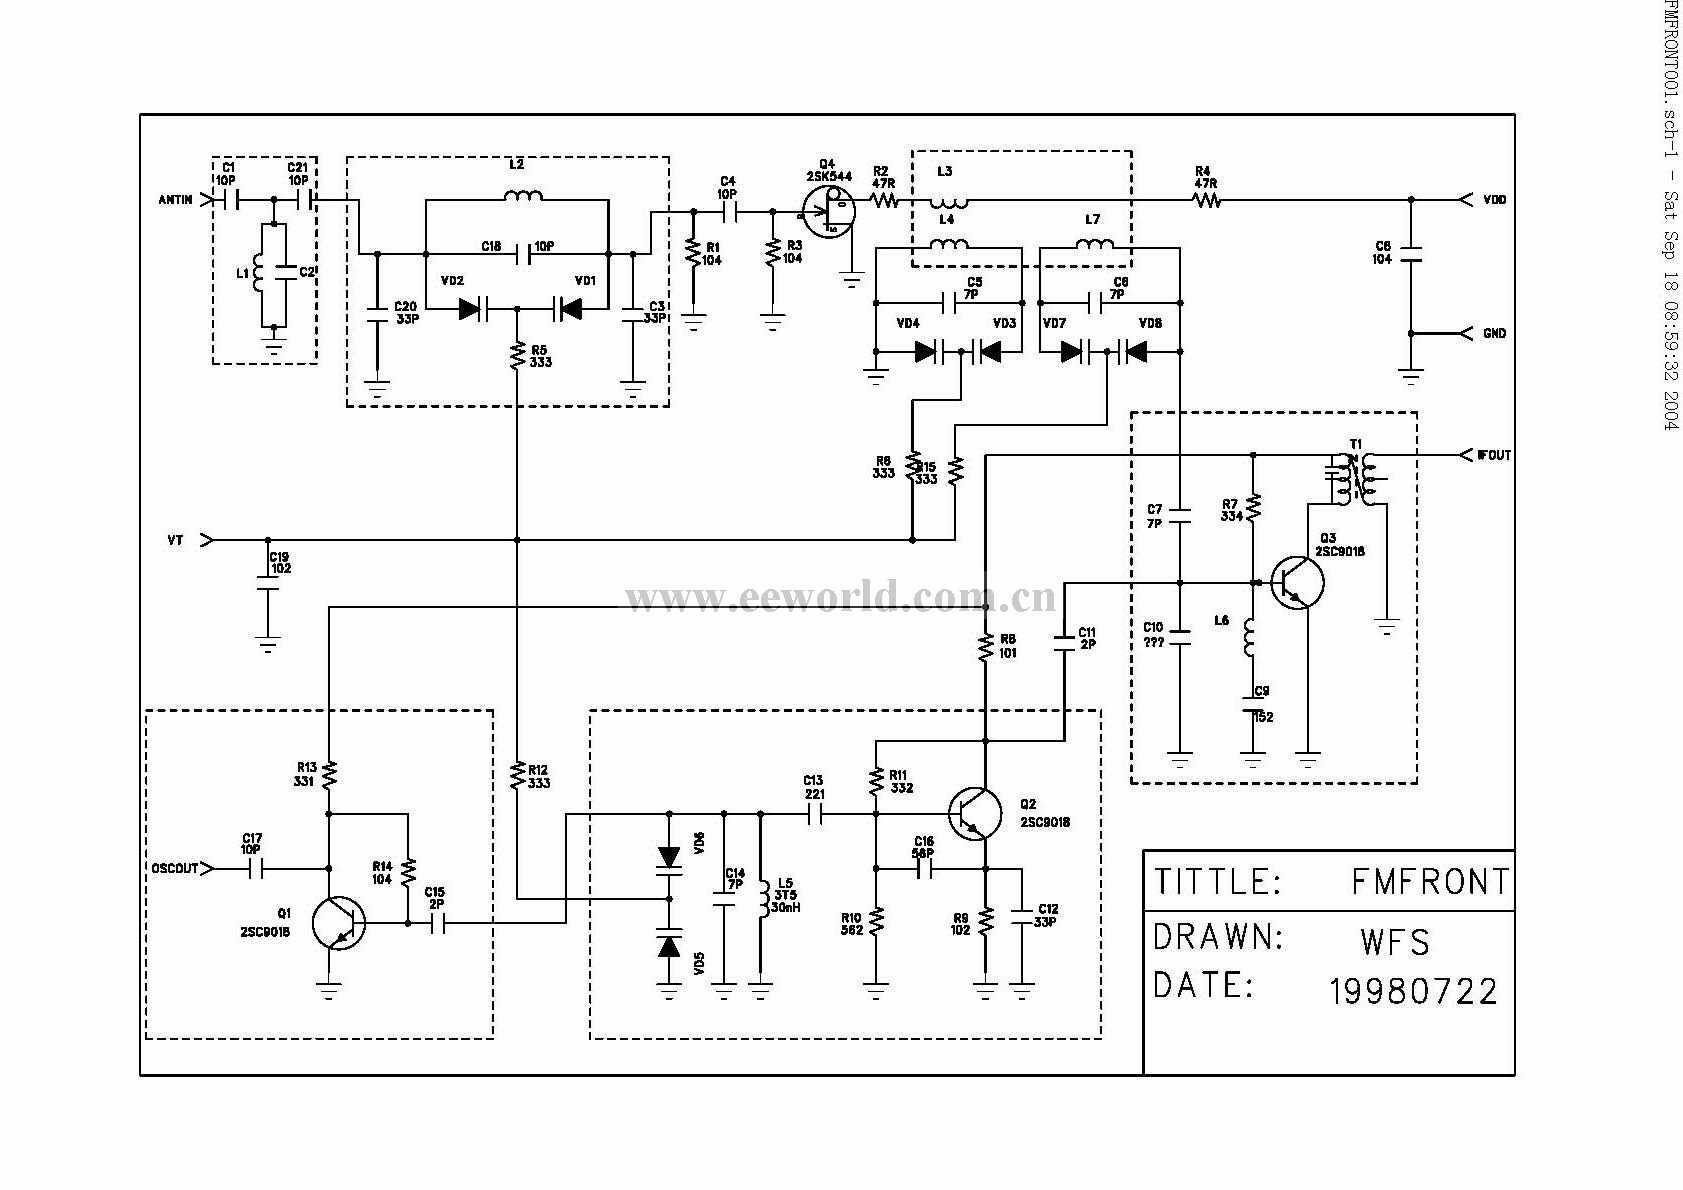 经典高频头电路 - 通信/网络 - 电子工程网